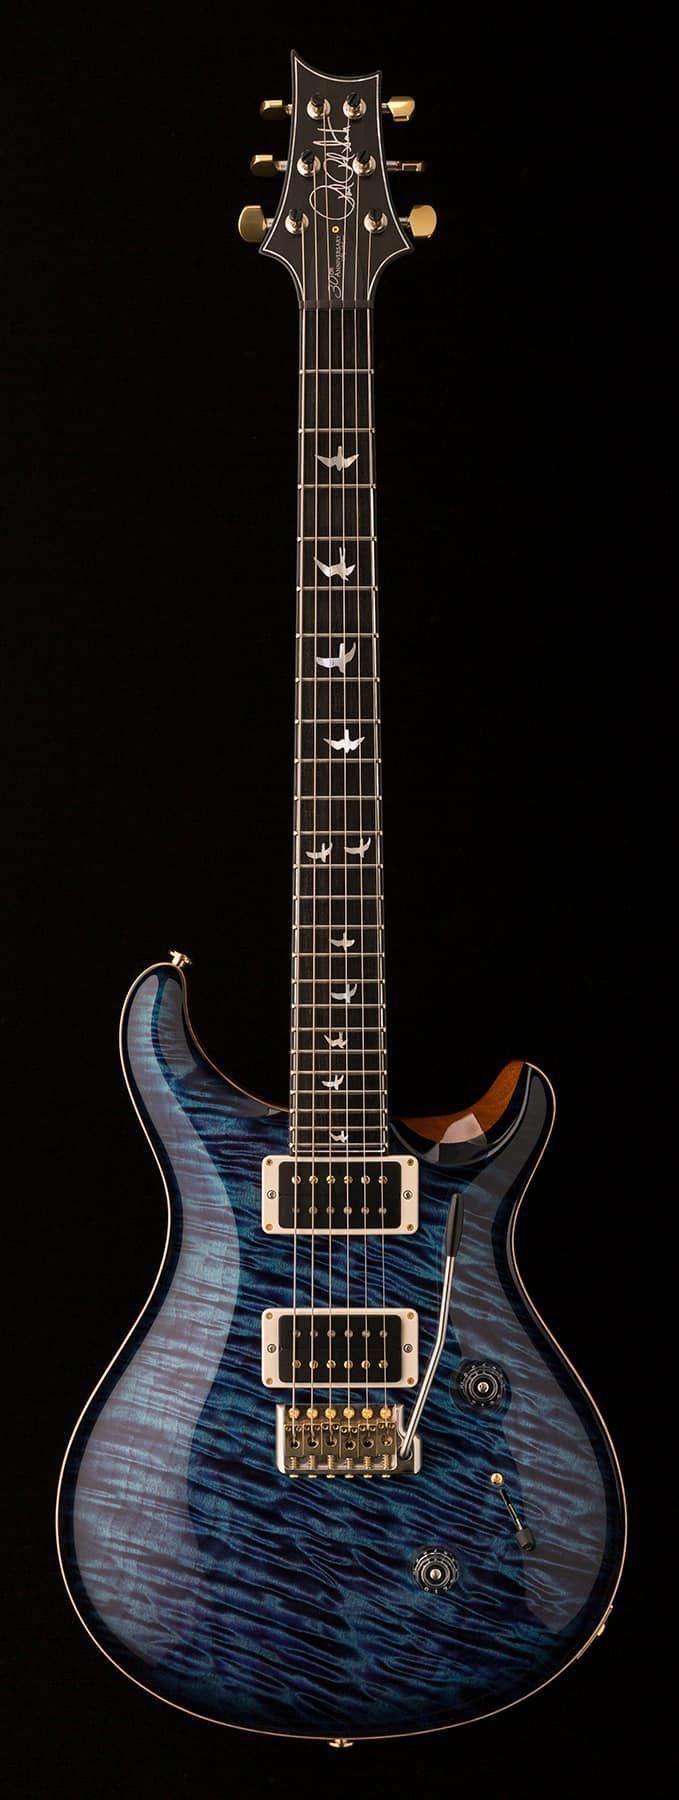 PRS Guitar Hat PRS Guitar Wood Library #guitarplayer #guitarlessons #PRSGuitars #prsguitar